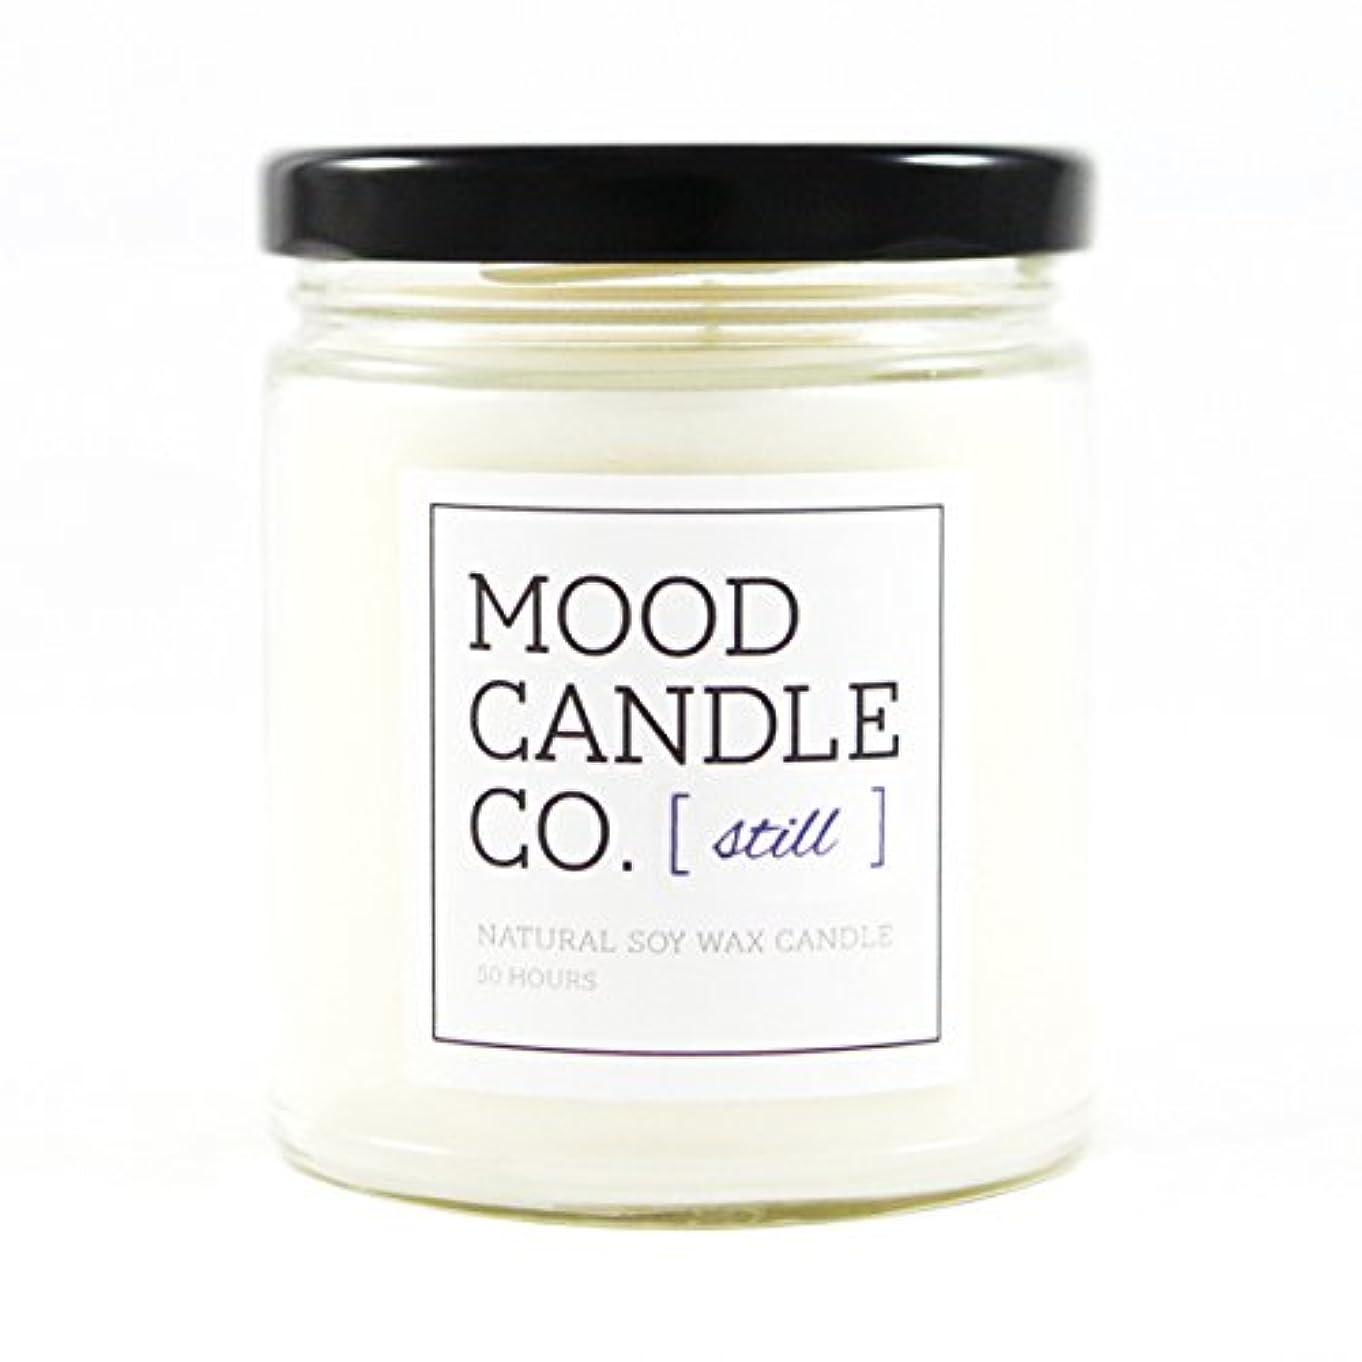 満了インデックス俳句自然Soy Candle、50時間、Great for Aromatherapy、ヨガ、瞑想、非毒性、by Mood Candle Co。 50 HOURS ホワイト